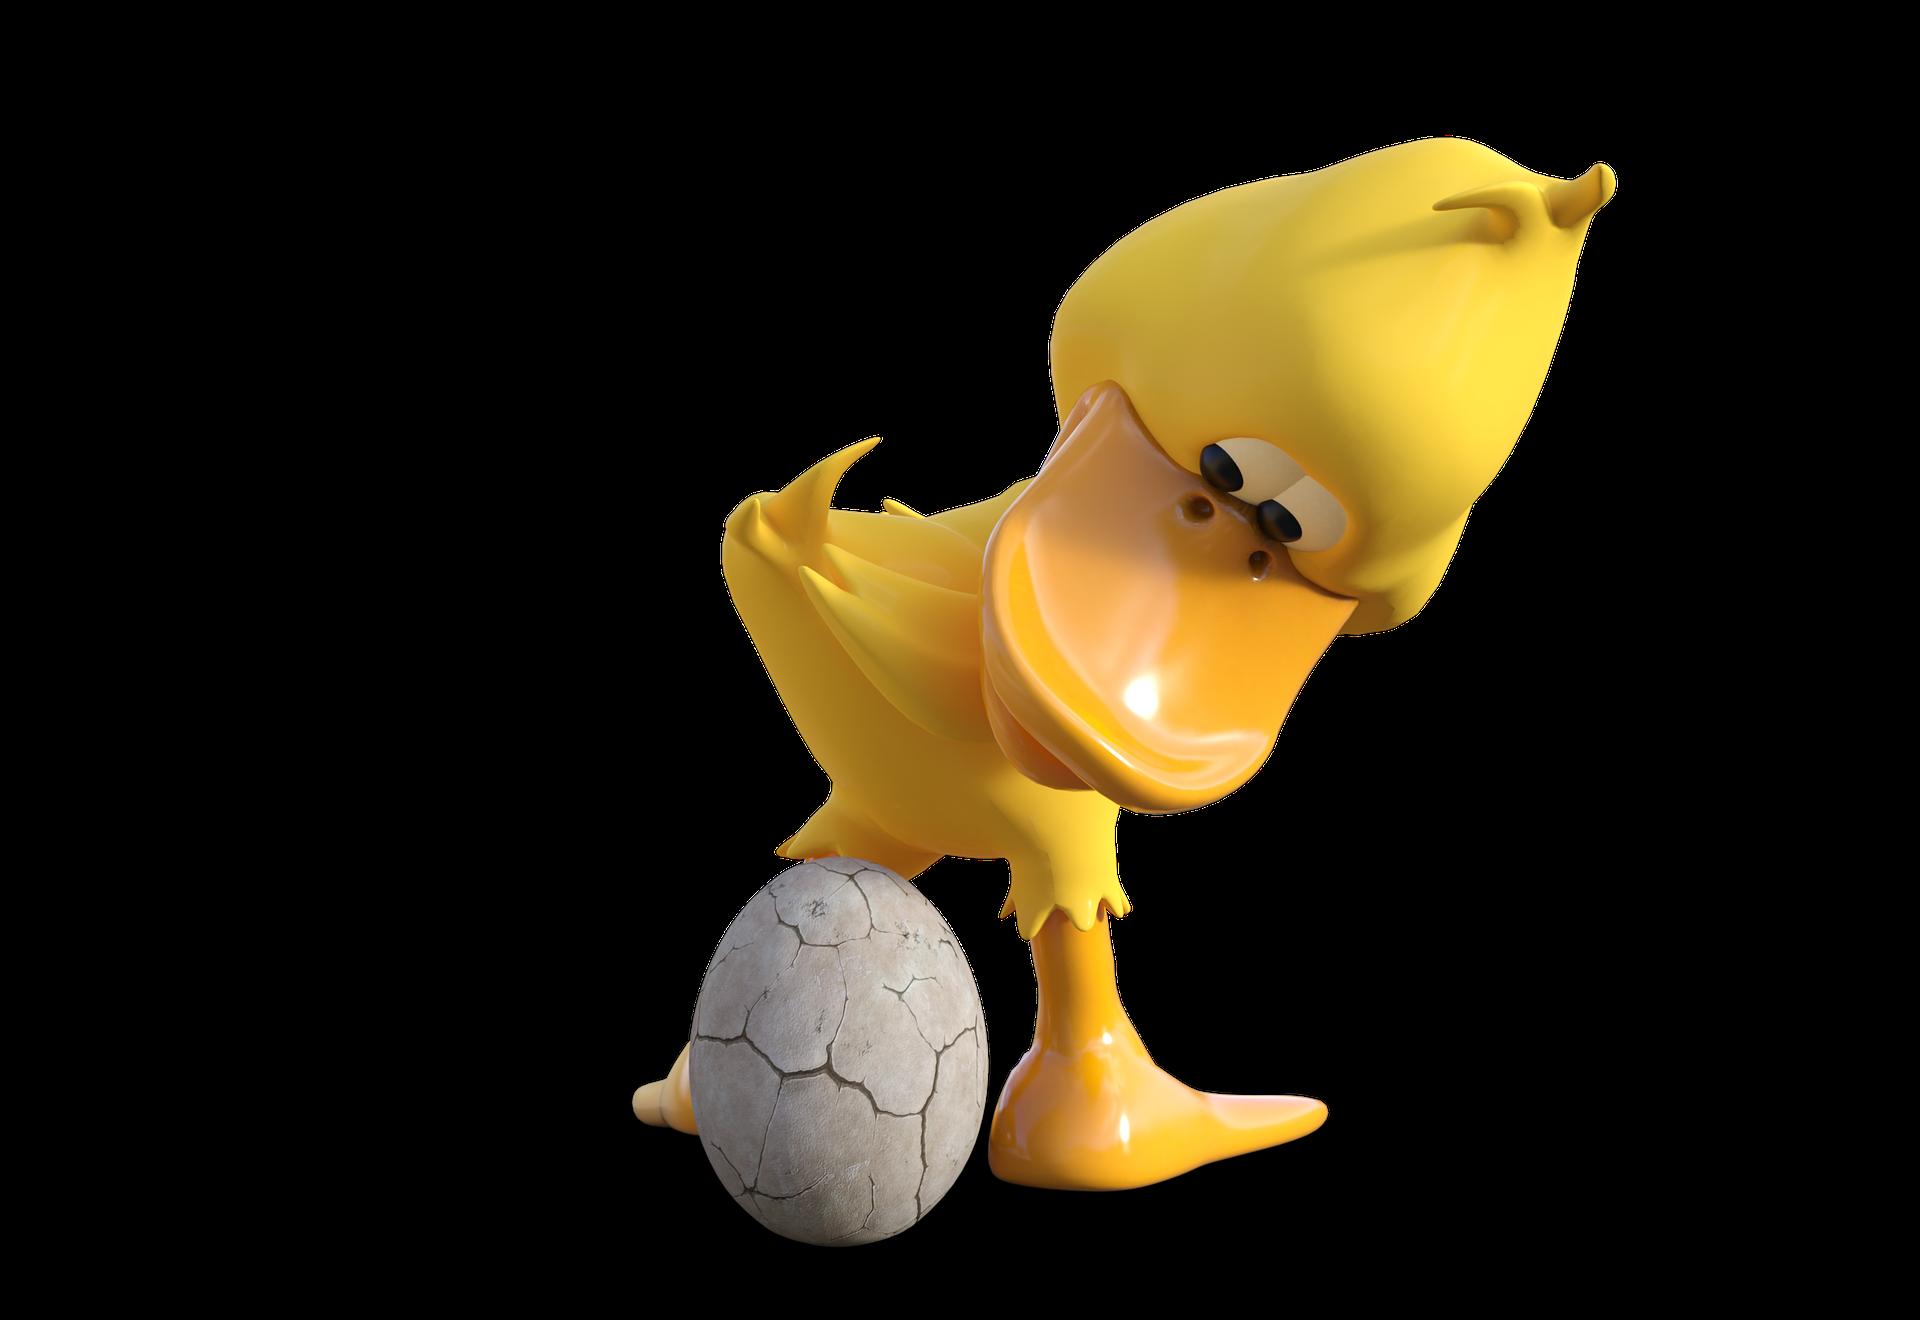 duck-2236908_1920